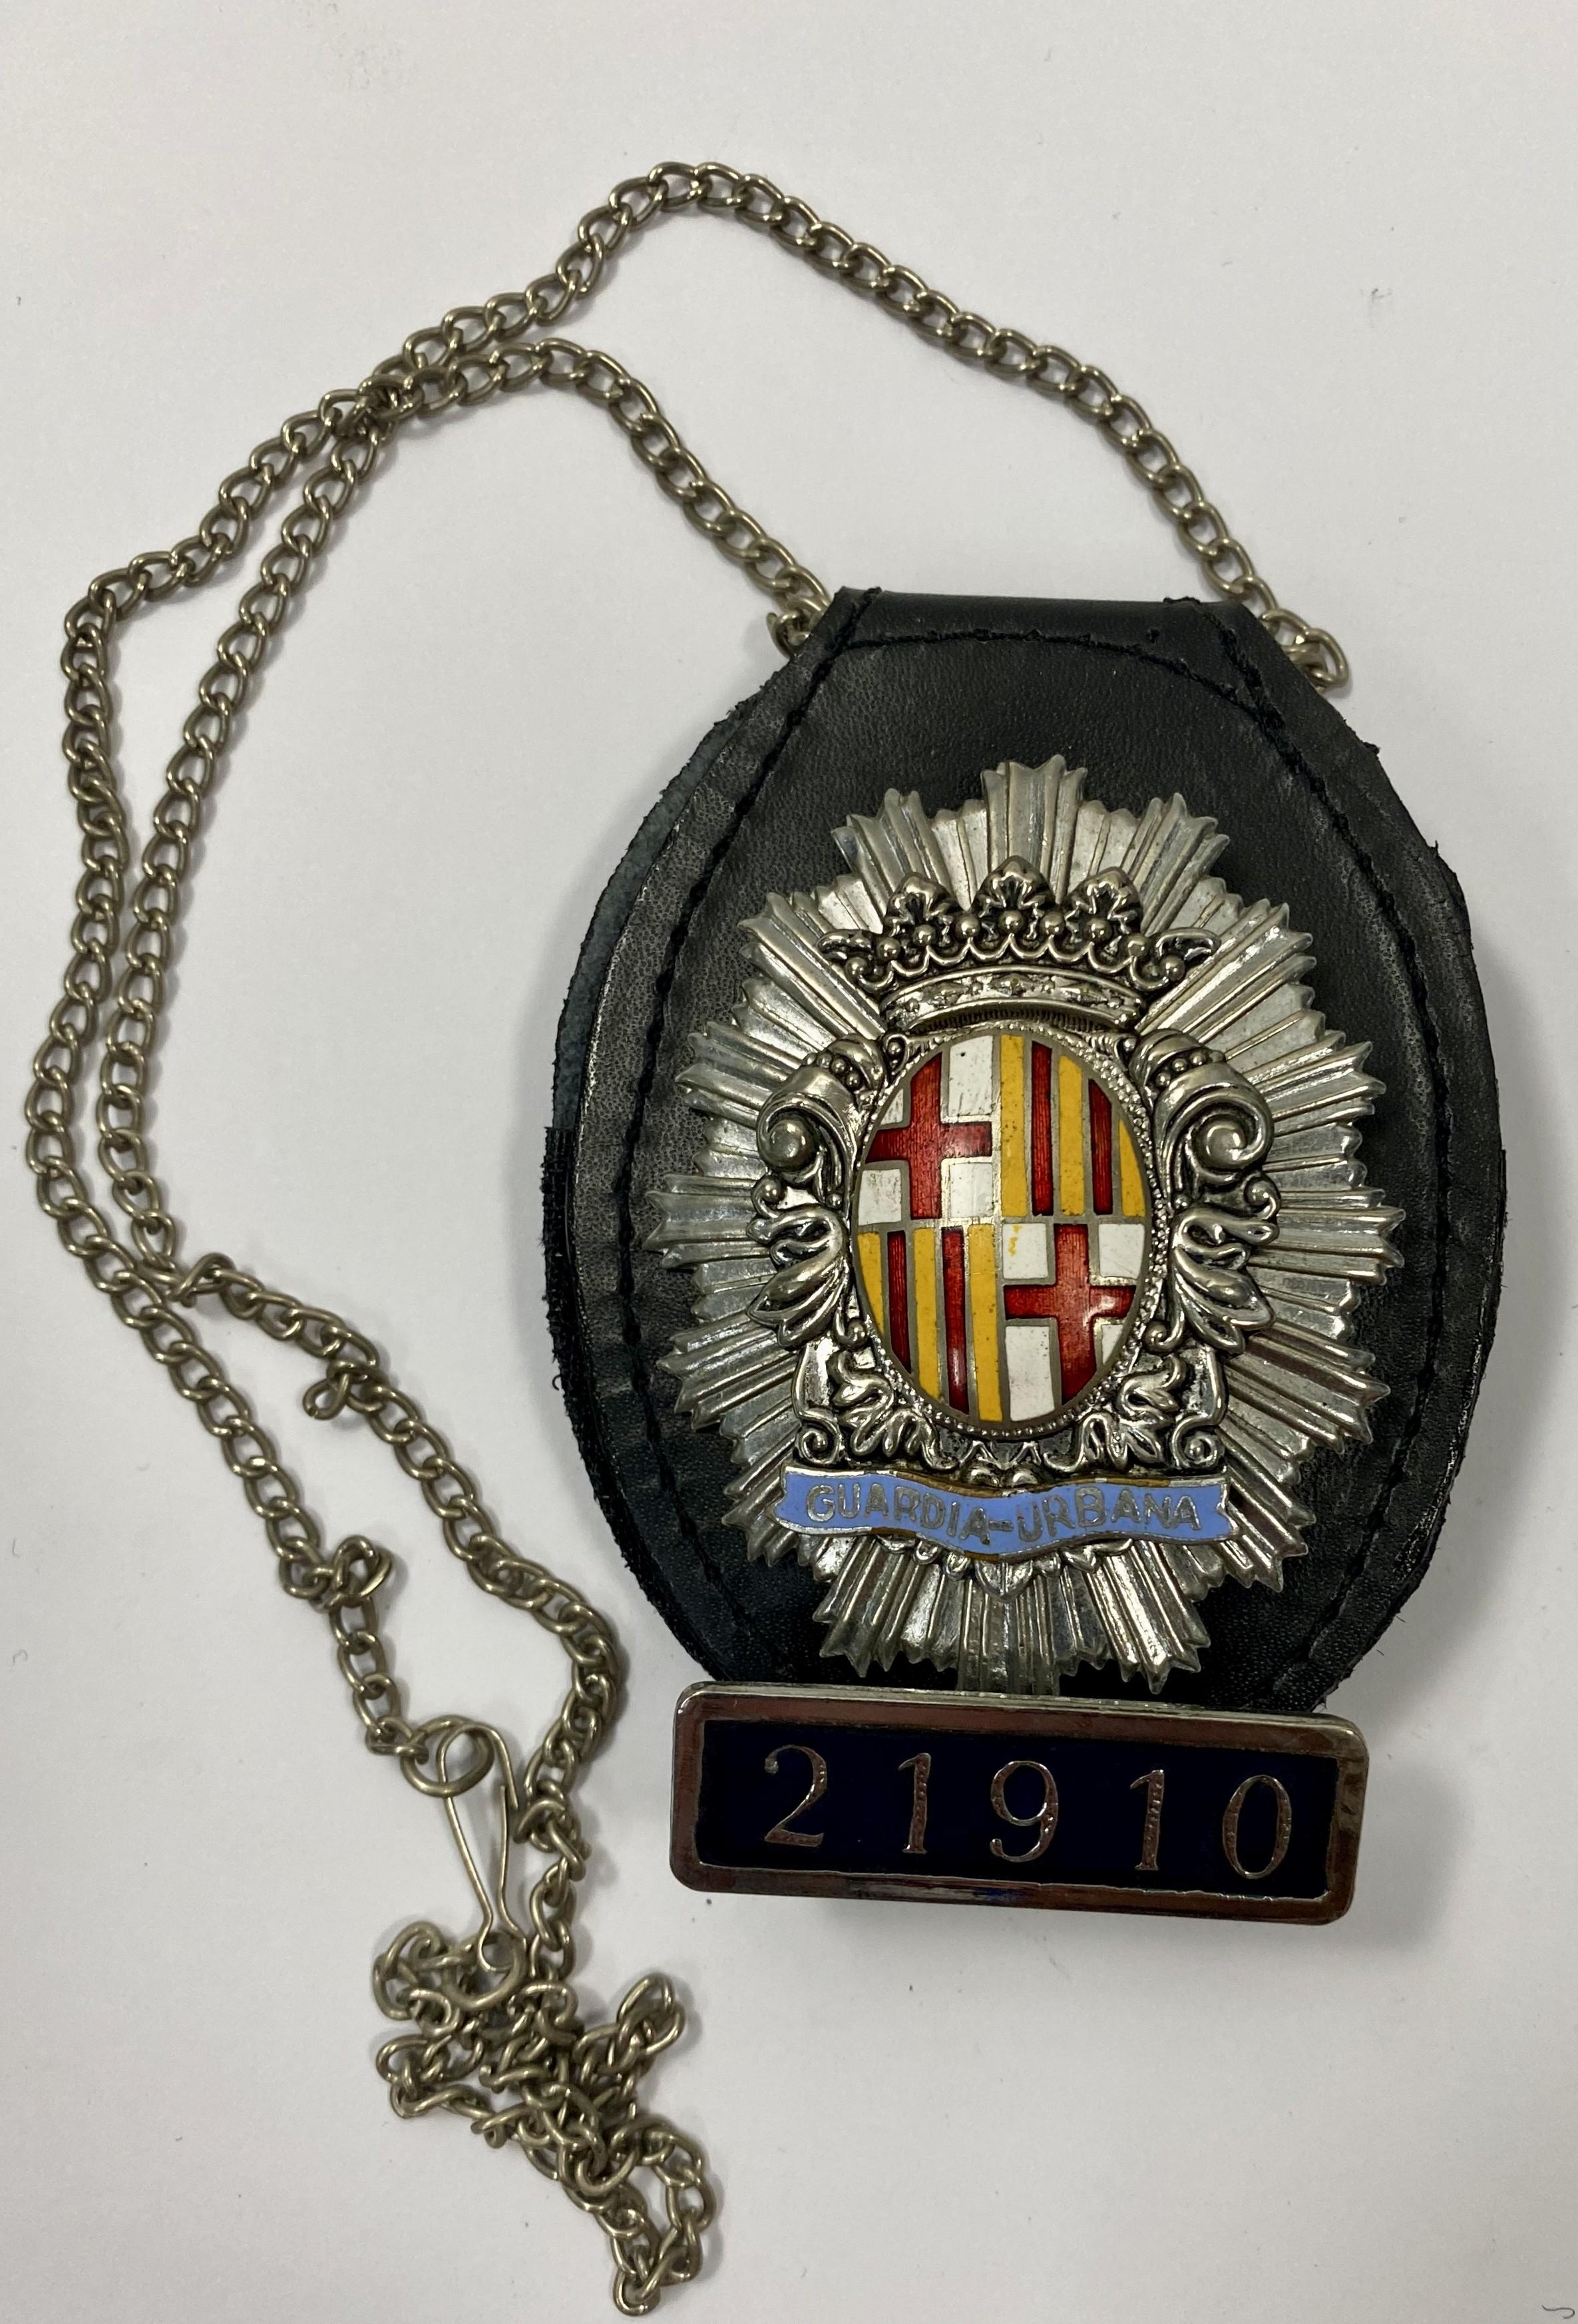 CUELLO-POLICIA GUARDIA URBANA DE BARCELONA NUMERADA 21910-POLICE BADGE